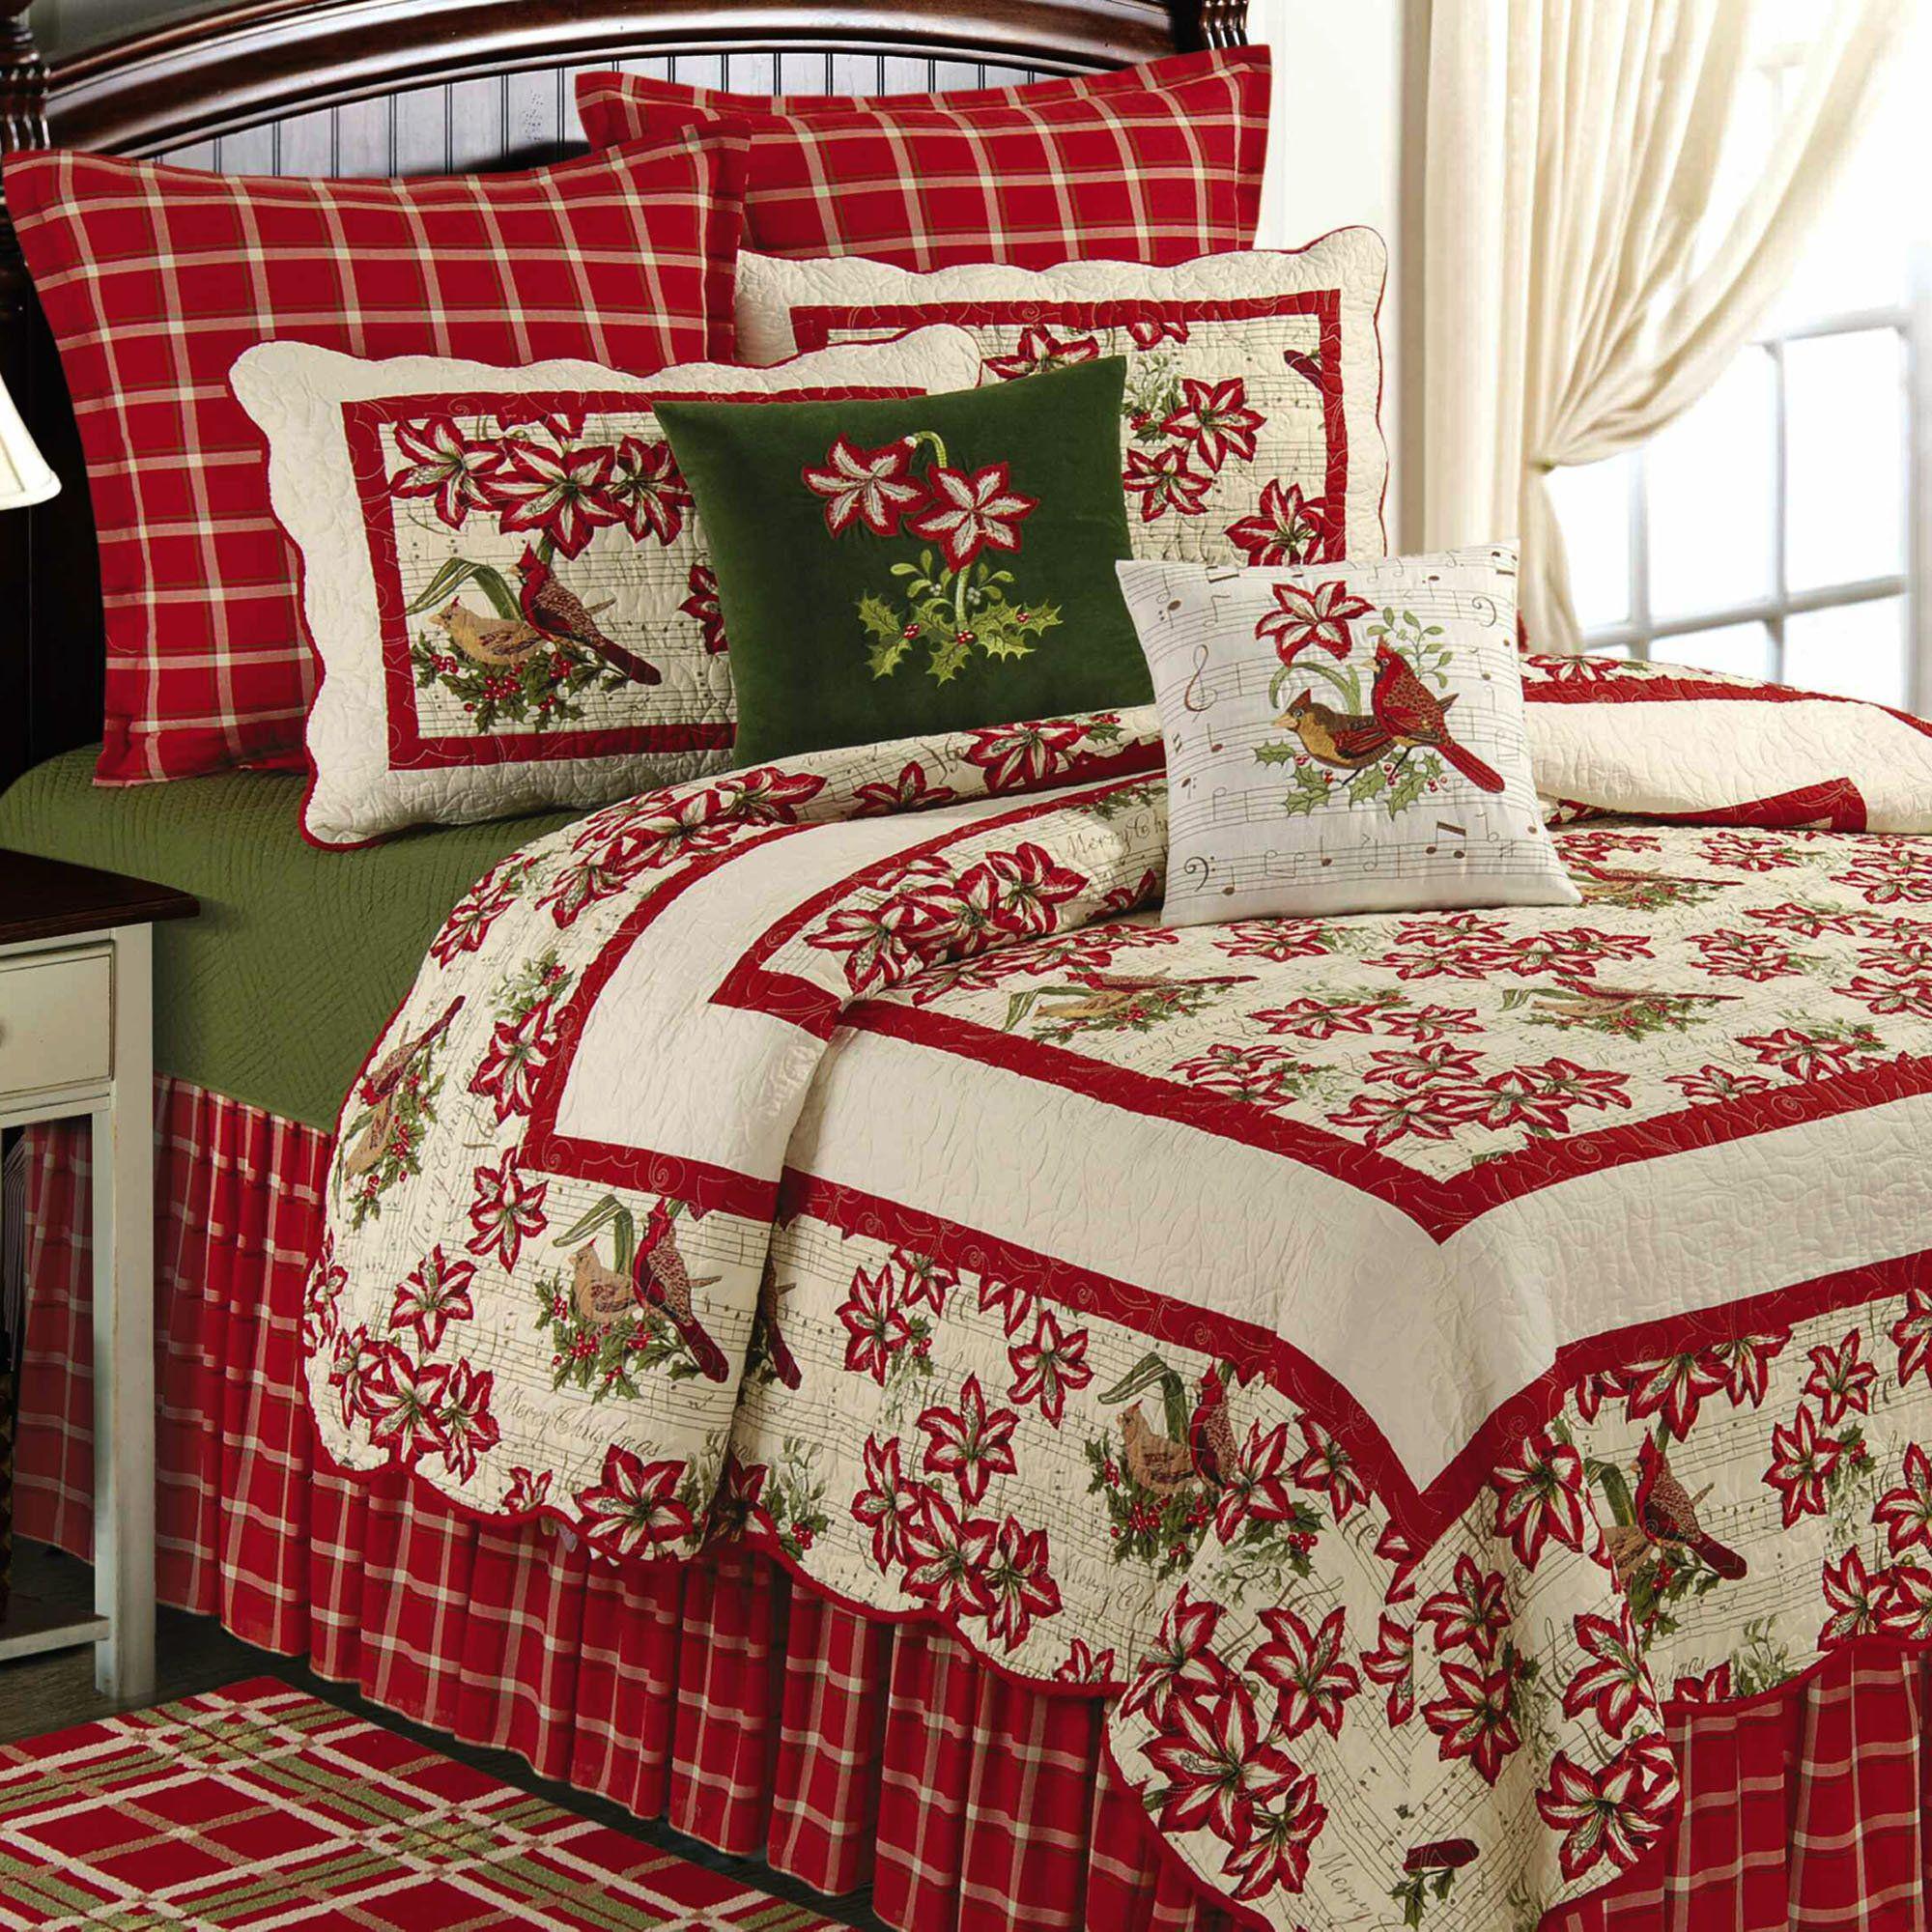 confort navideño | navidad | Pinterest | Quilt bedding, Comforter ... : christmas quilt set queen - Adamdwight.com